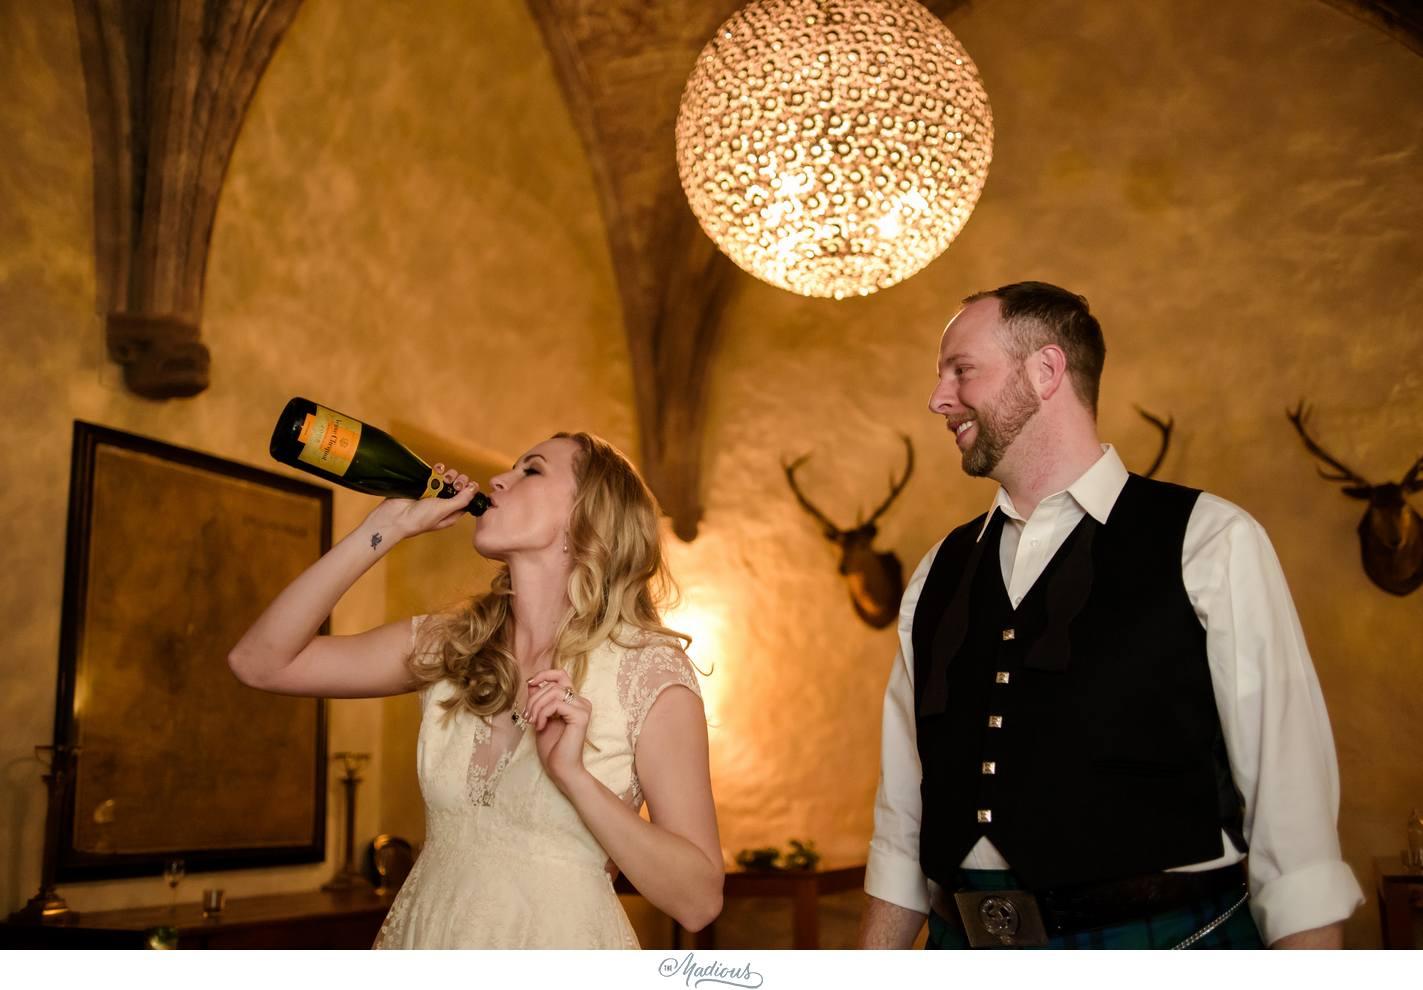 Balbegno_Dunnotar_Castle_Scottland_Wedding_72.jpg